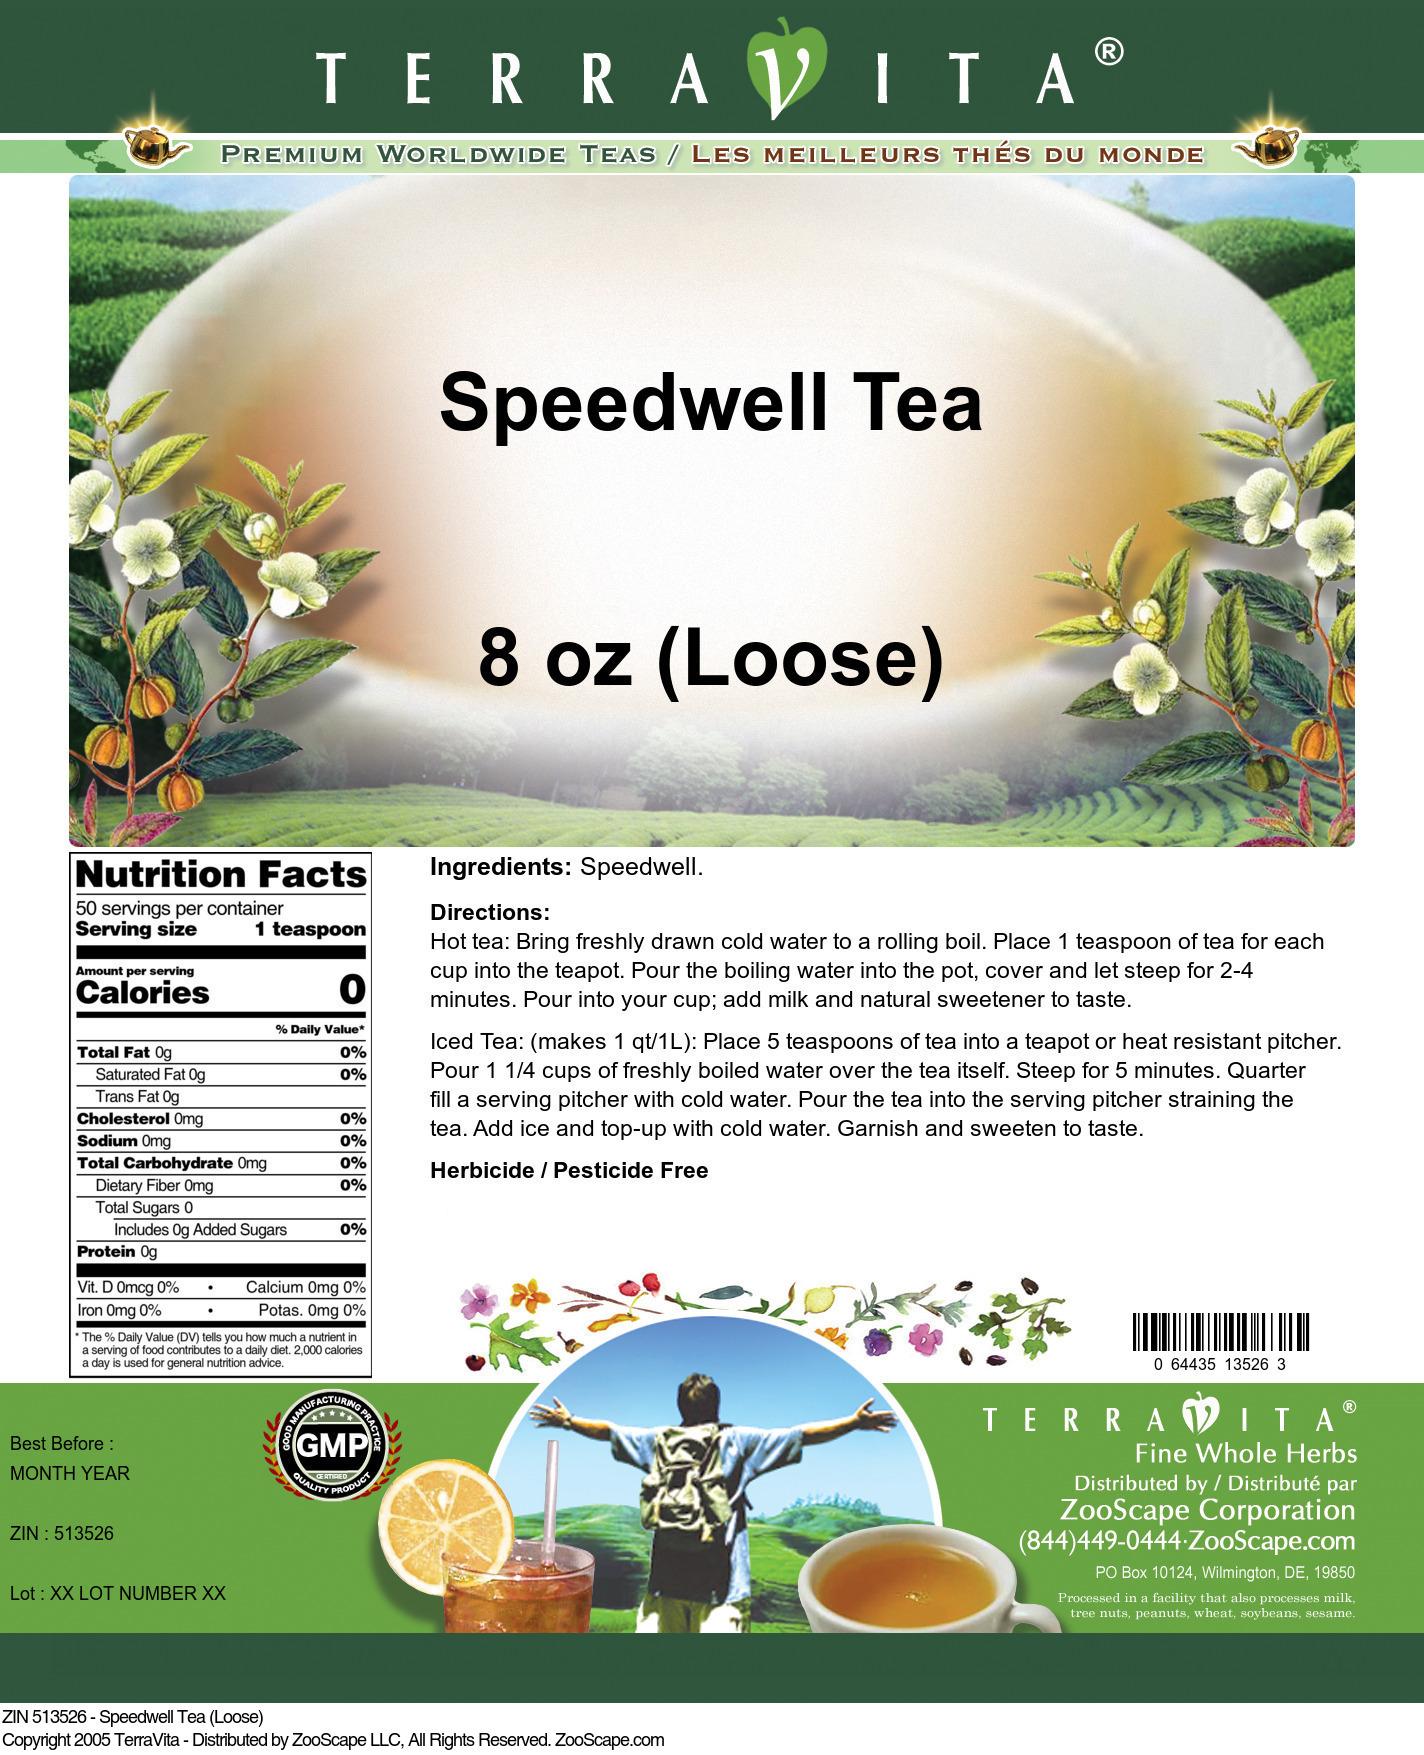 Speedwell Tea (Loose)